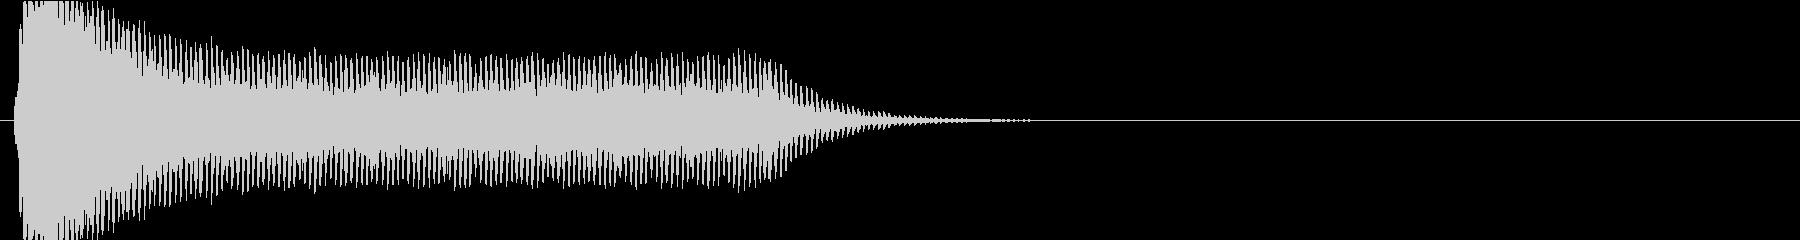 スタンガンの音01、電気の切れそうな音の未再生の波形